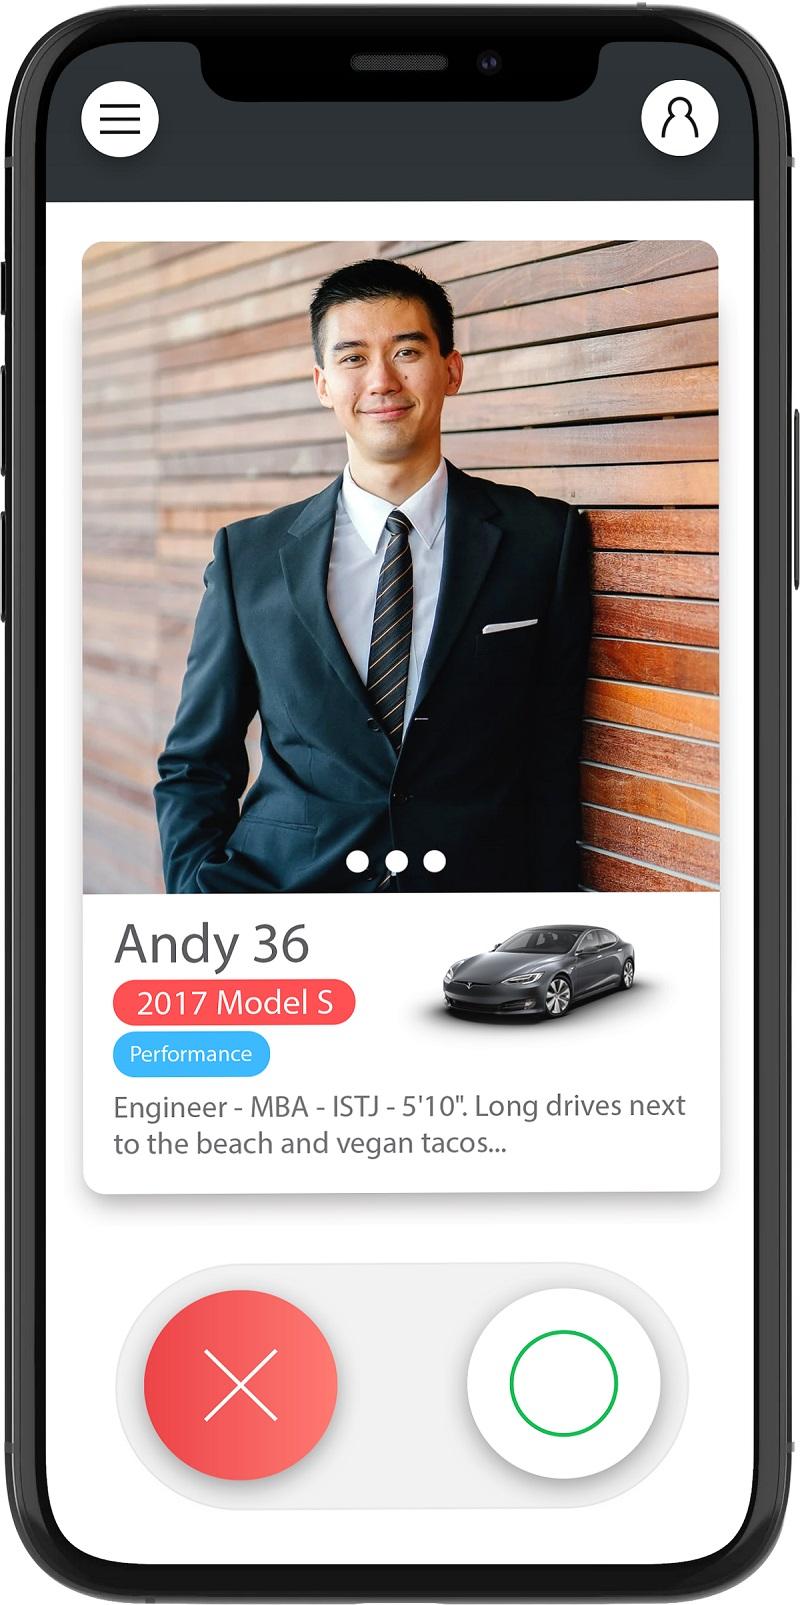 Tesla Sahipleri İçin Özel Flört Uygulaması